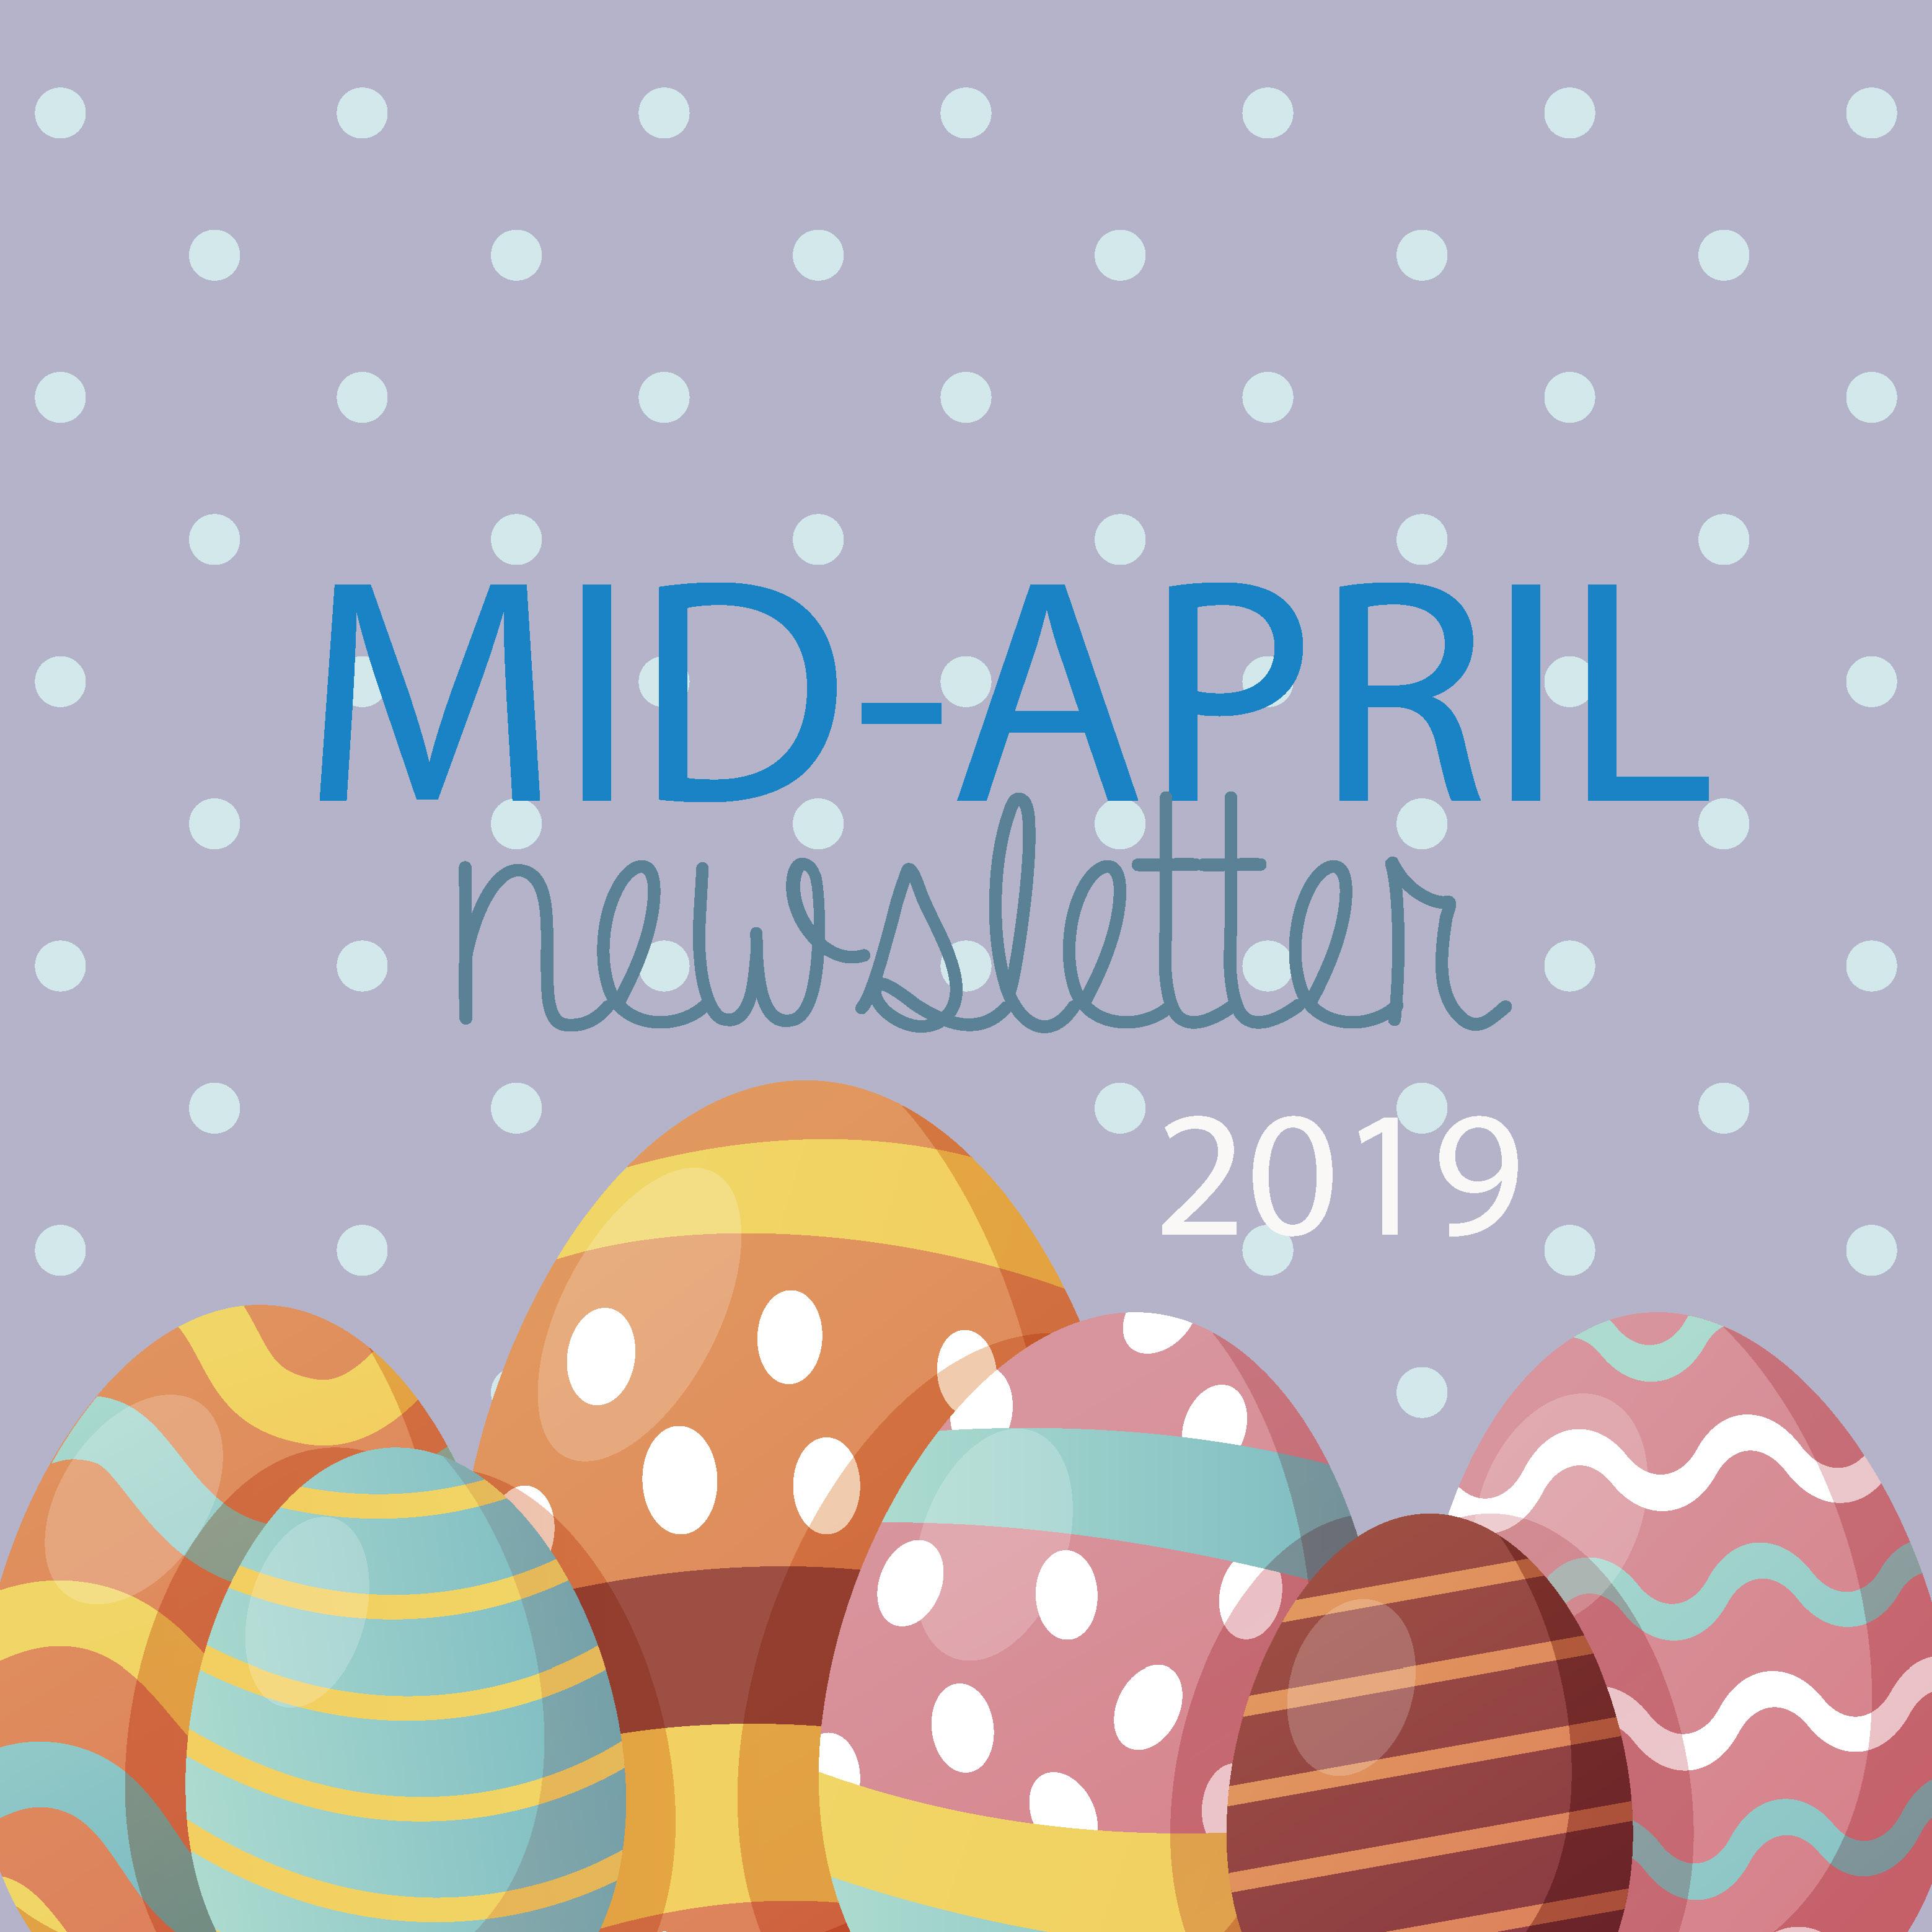 Mid-April_2019